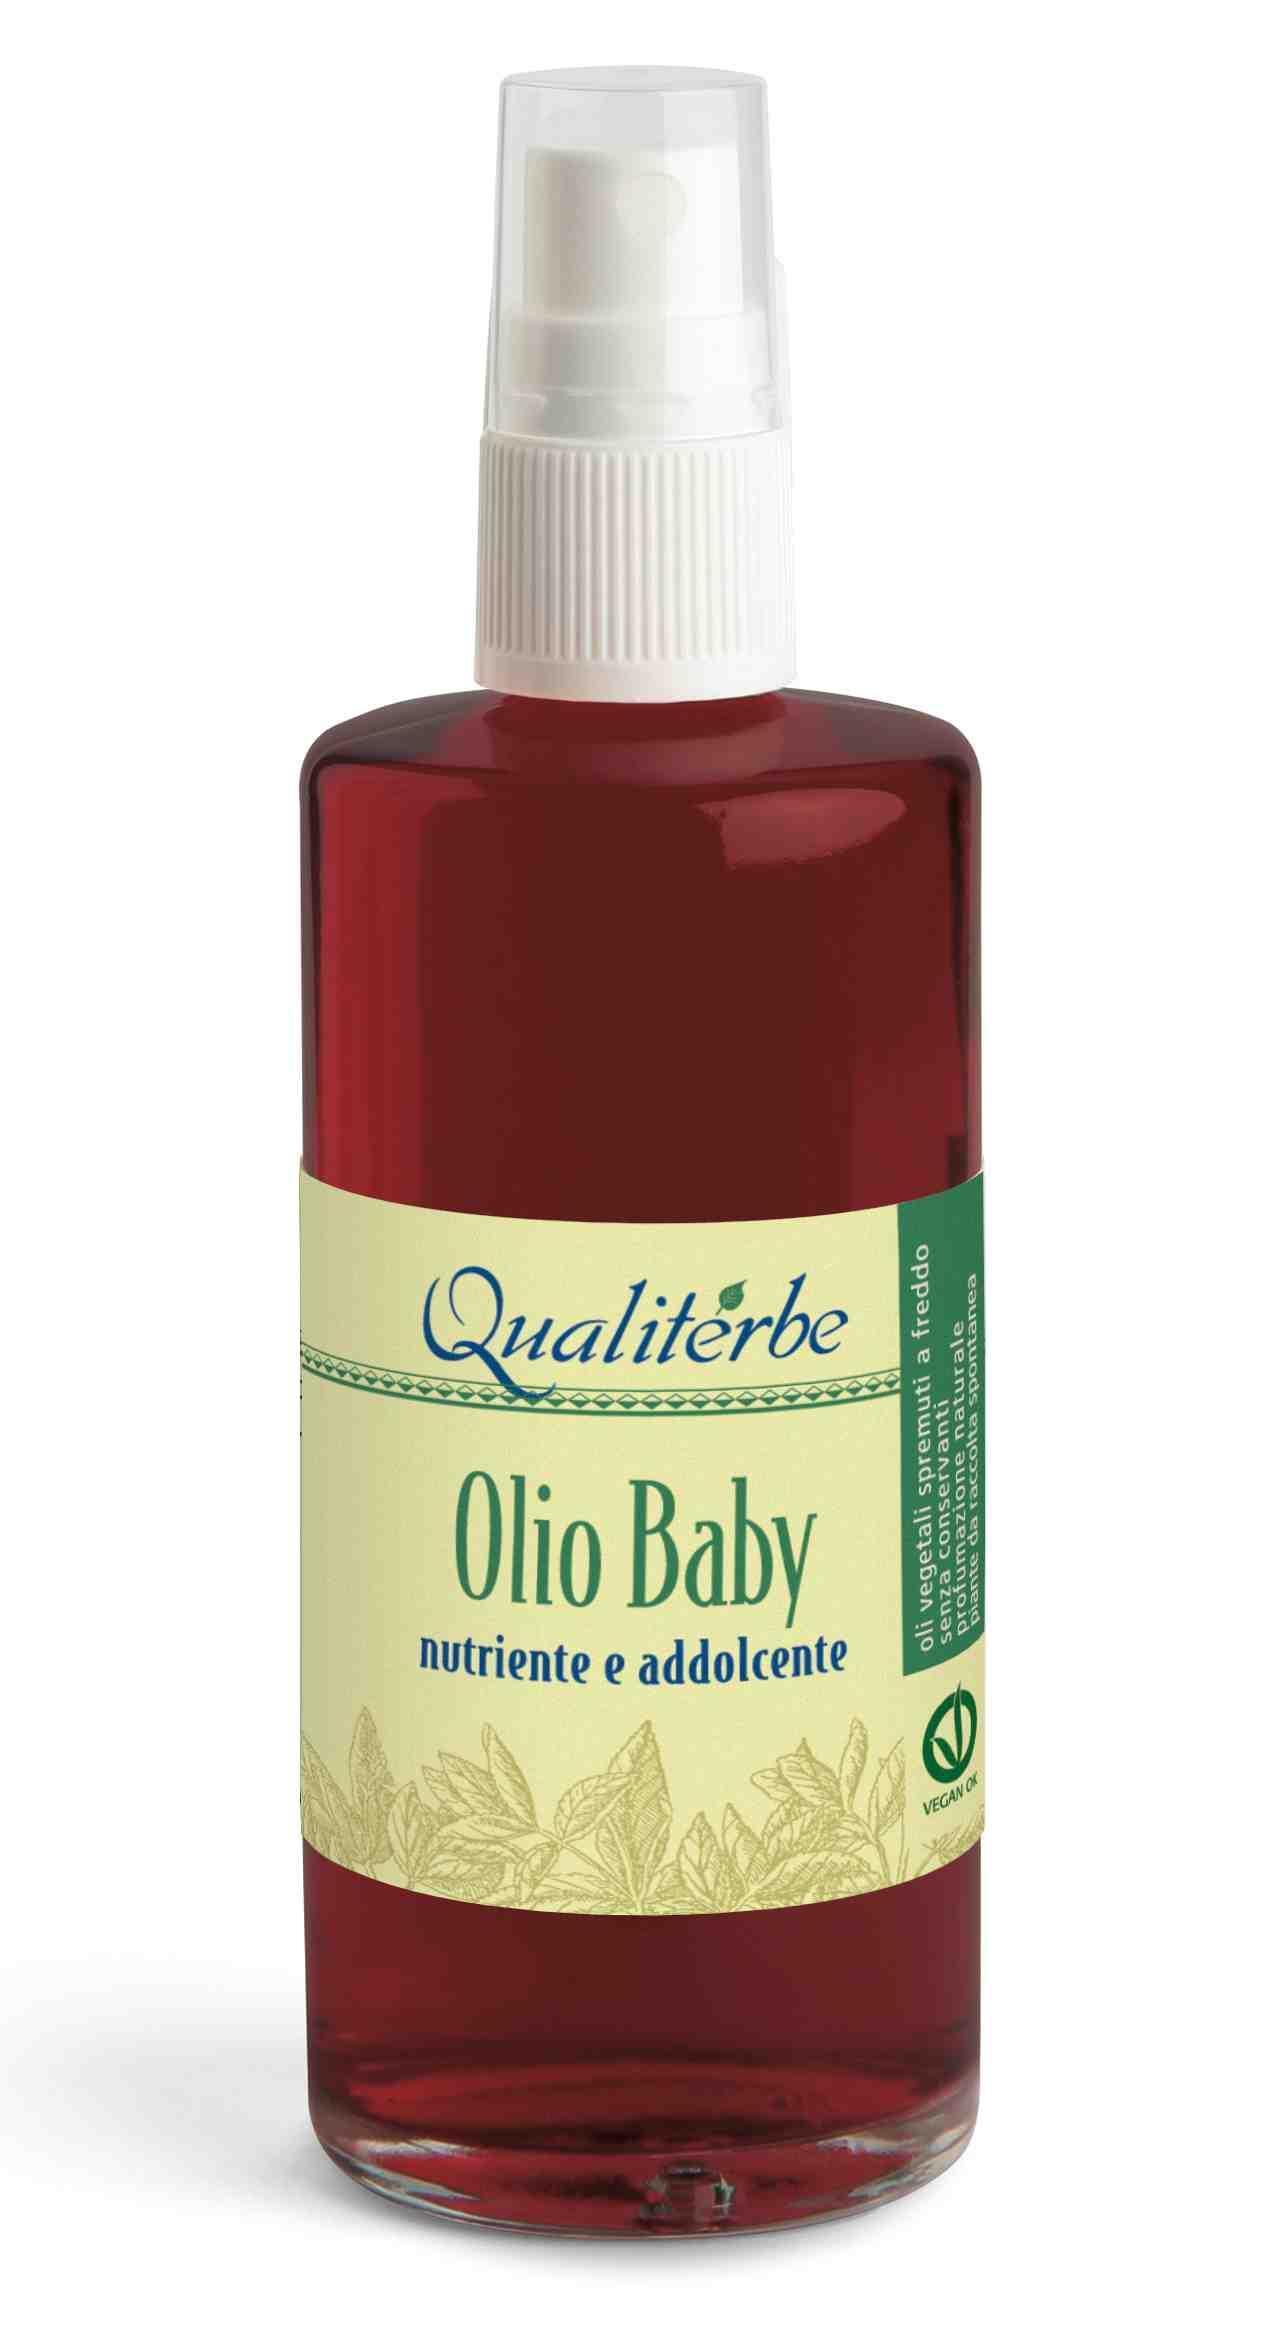 Olio Baby per Neonati 100% Naturale by Qualiterbe